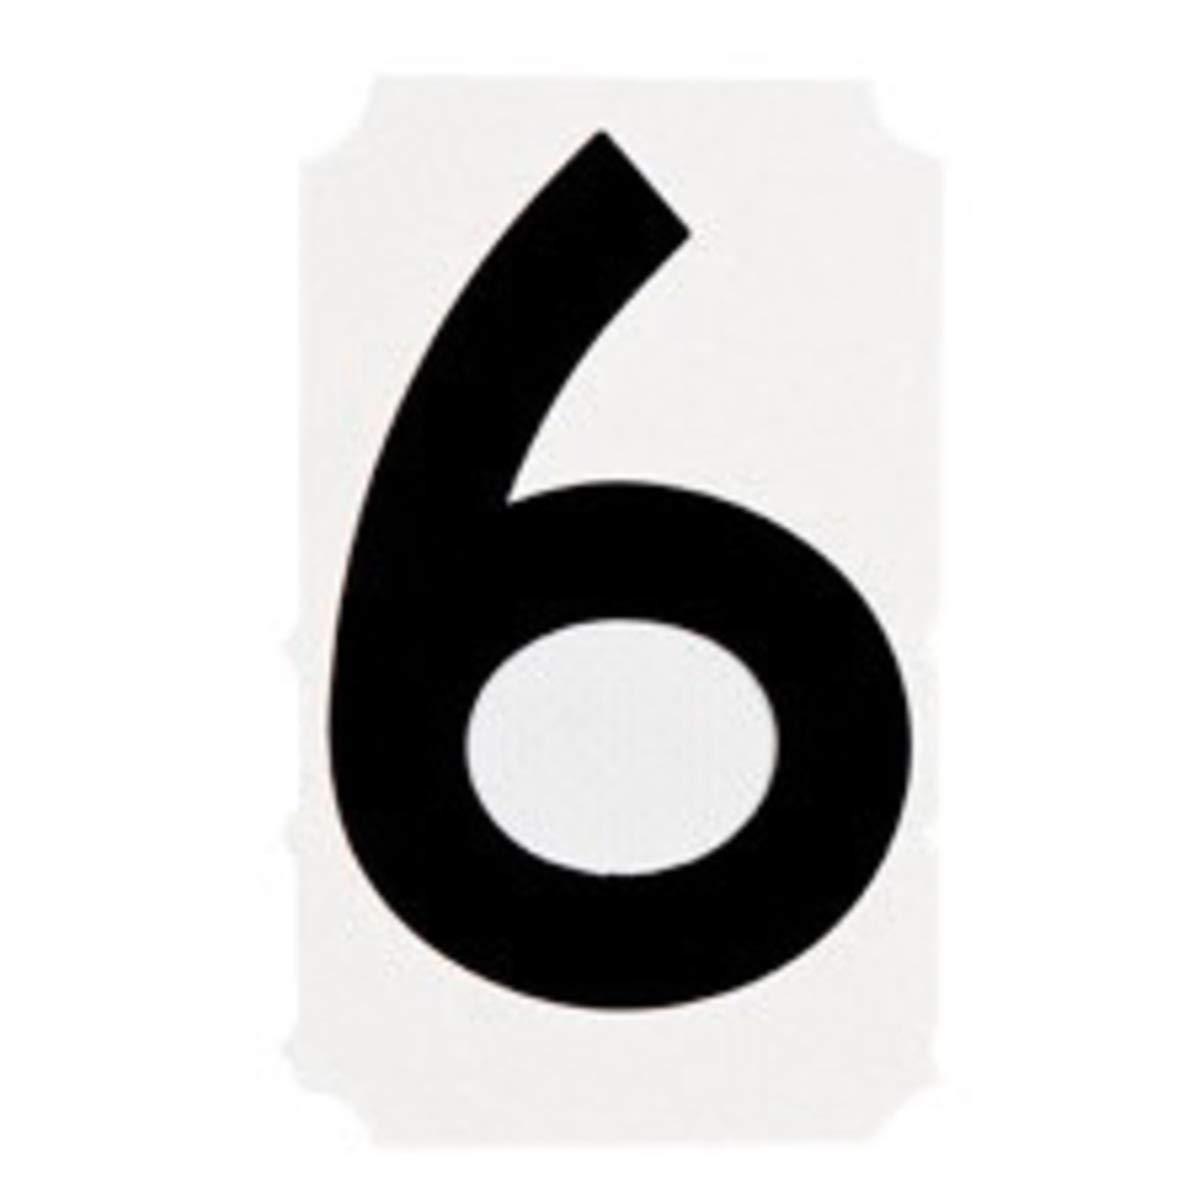 Brady 4'' Black Quik-Align Vinyl Label''6'' by Brady USA (Image #1)